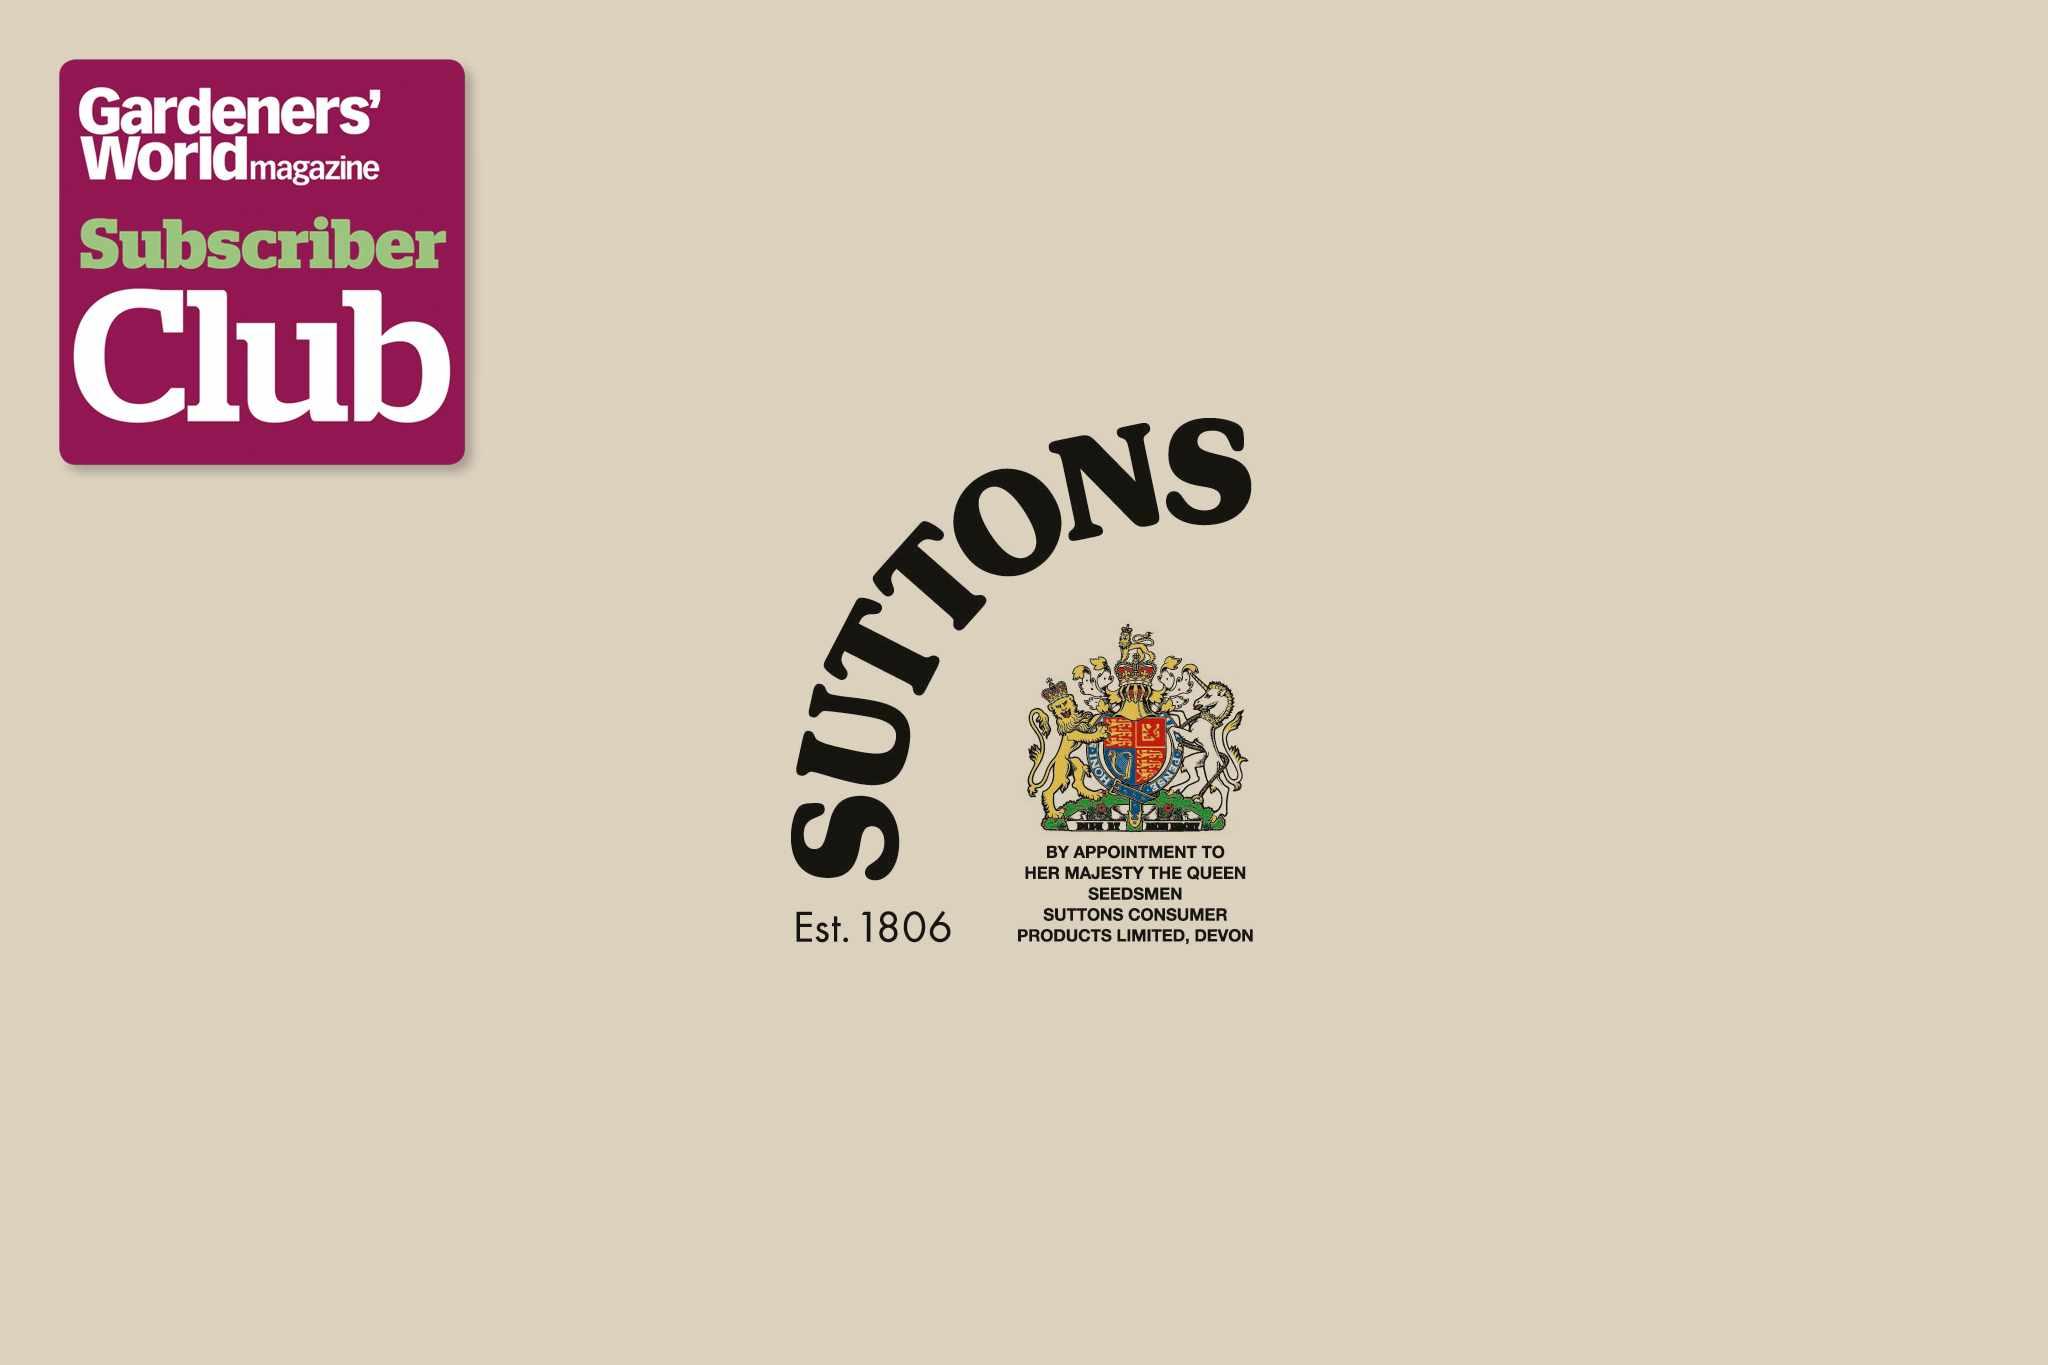 SuttonsGarden Bird Supplies BBC Gardeners' World Magazine Subscriber Club discount